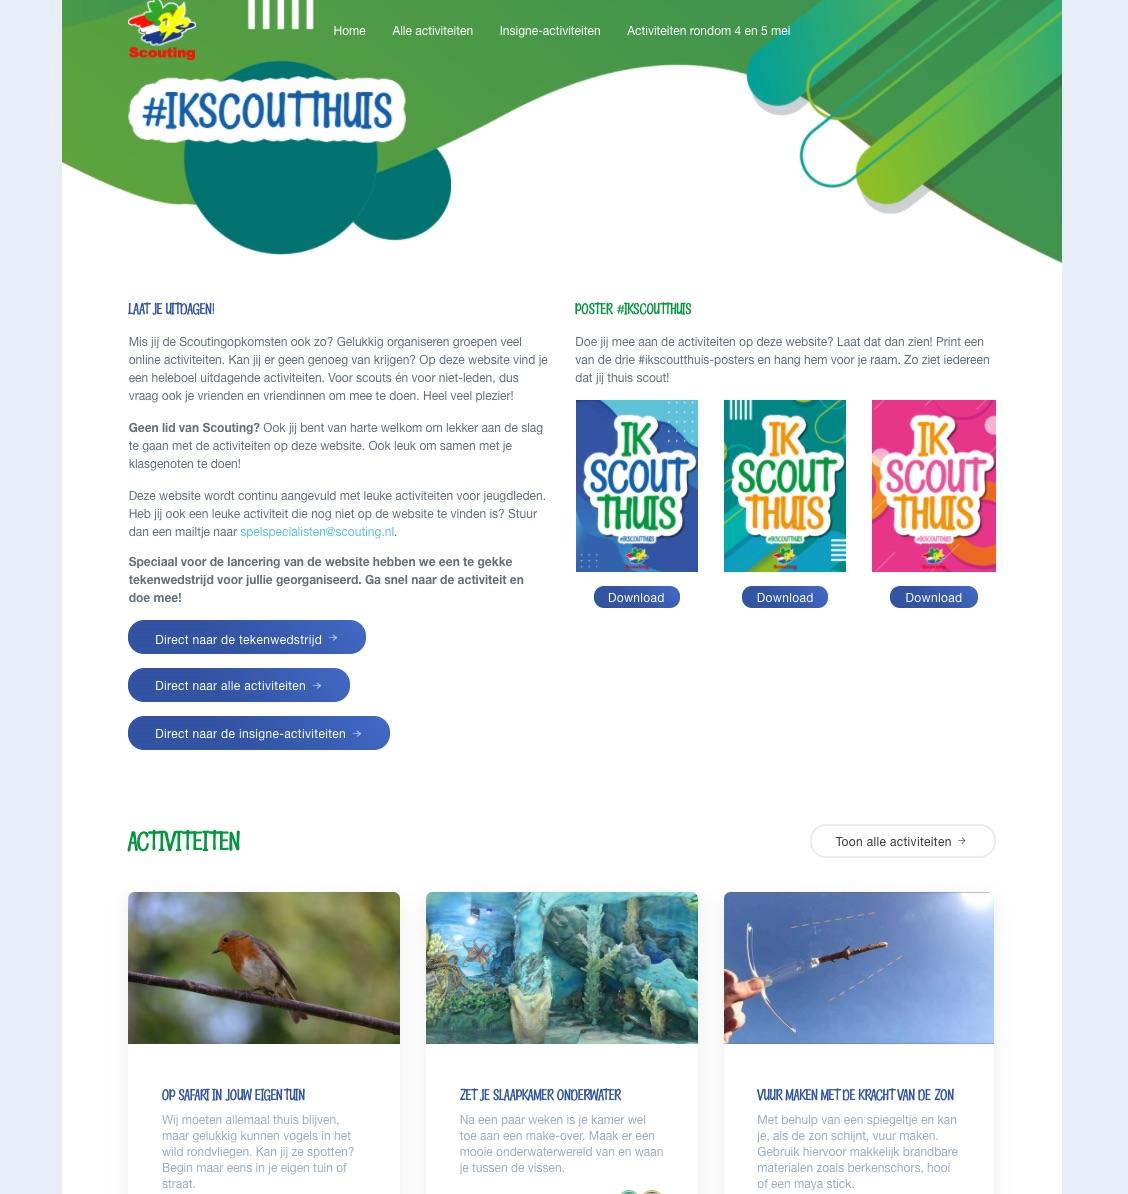 Nieuwe website #IkScoutThuis